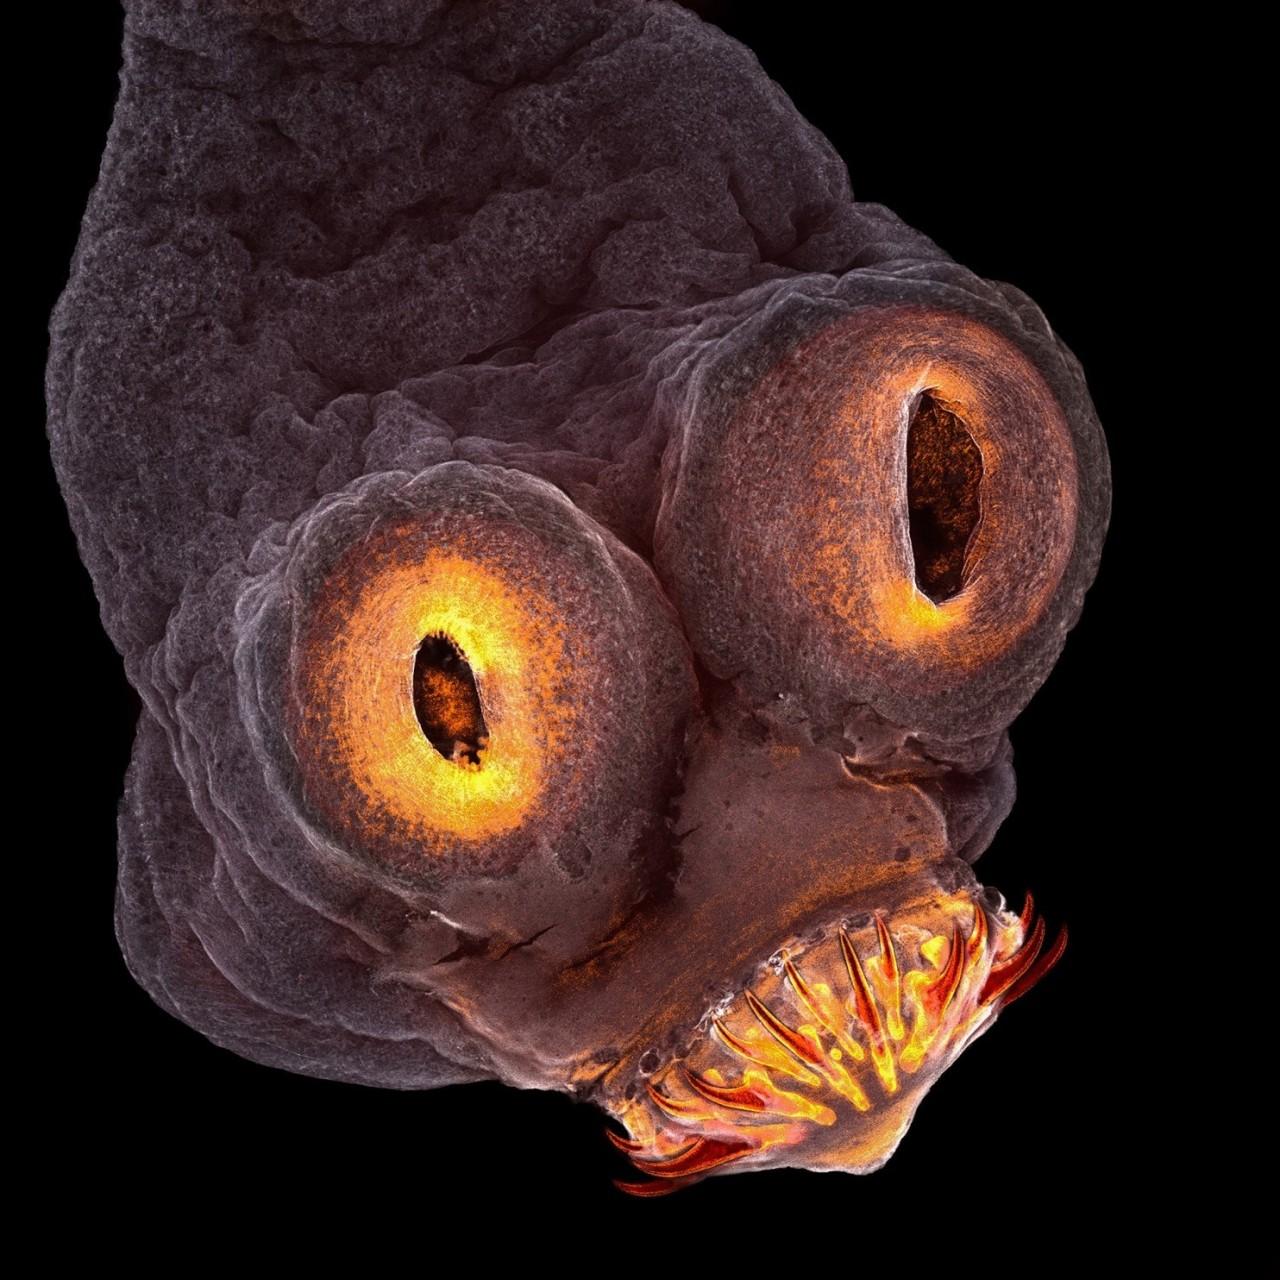 Четвертое место — Свиной цепень (Taenia solium). Фото: Teresa Zgoda, Рочестер, штат Нью-Йорк (США) Nikon Small World's, конкурс, красота, наука, под микроскопом, удивительно